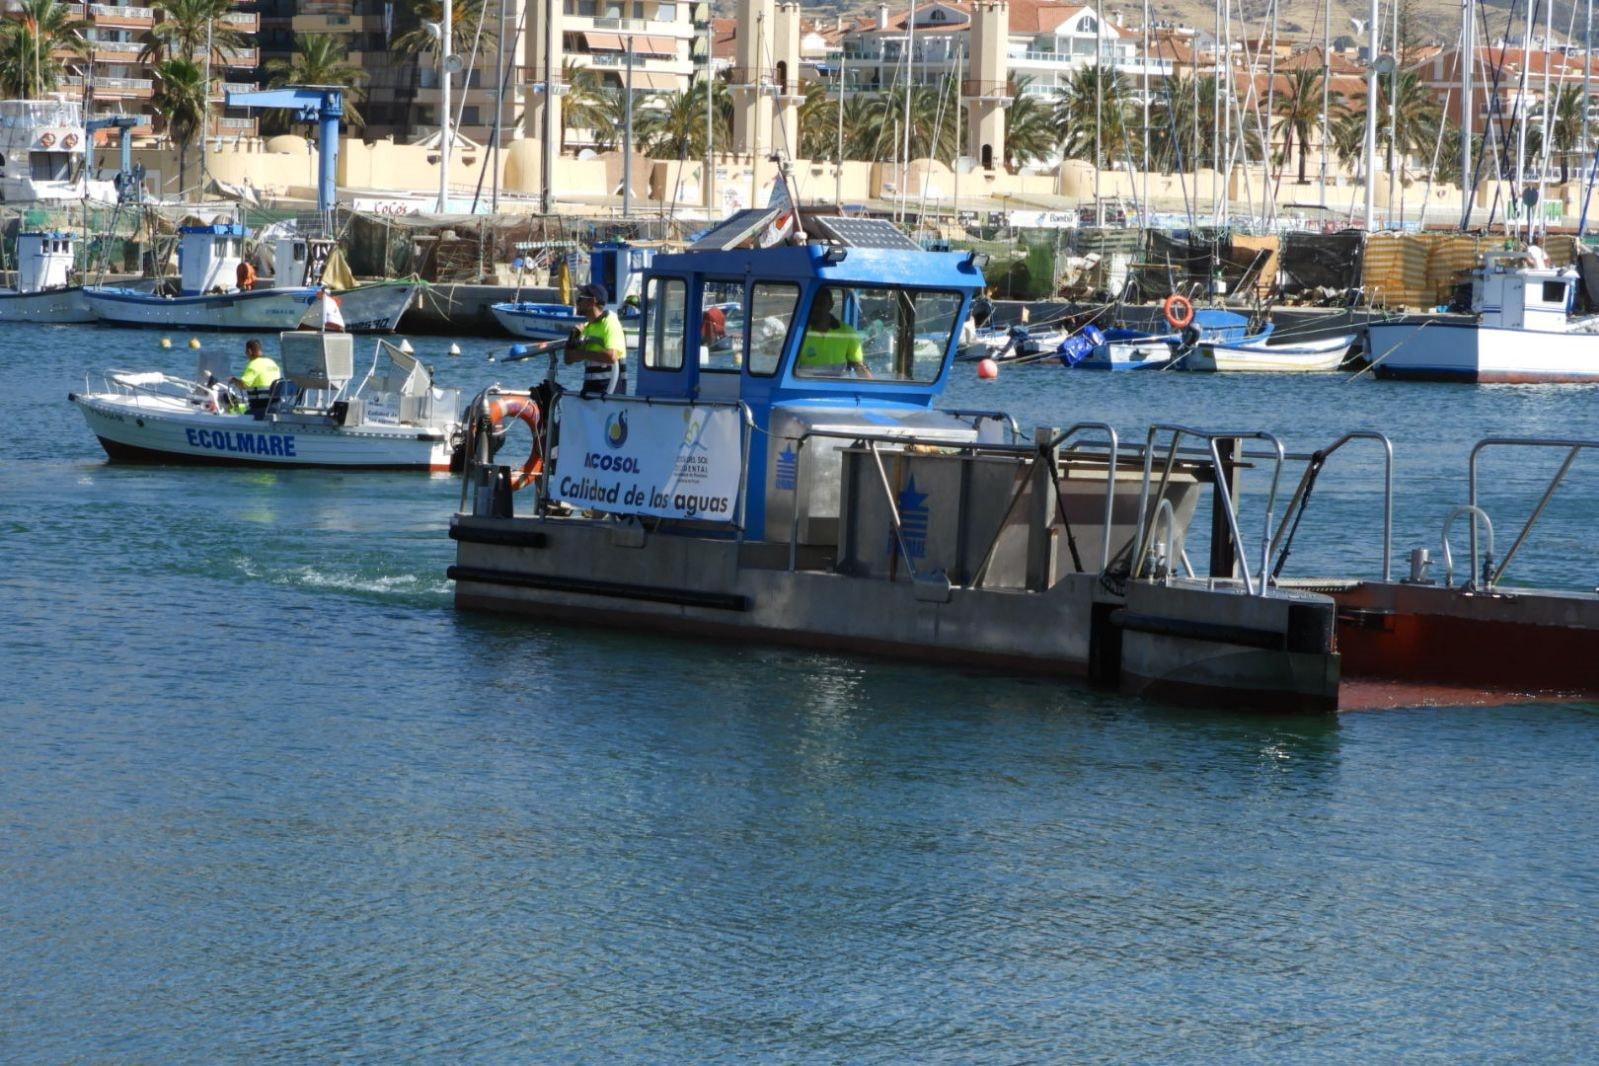 Los barcos de limpieza del litoral han recogido este verano un total de 468 m3 de residuos